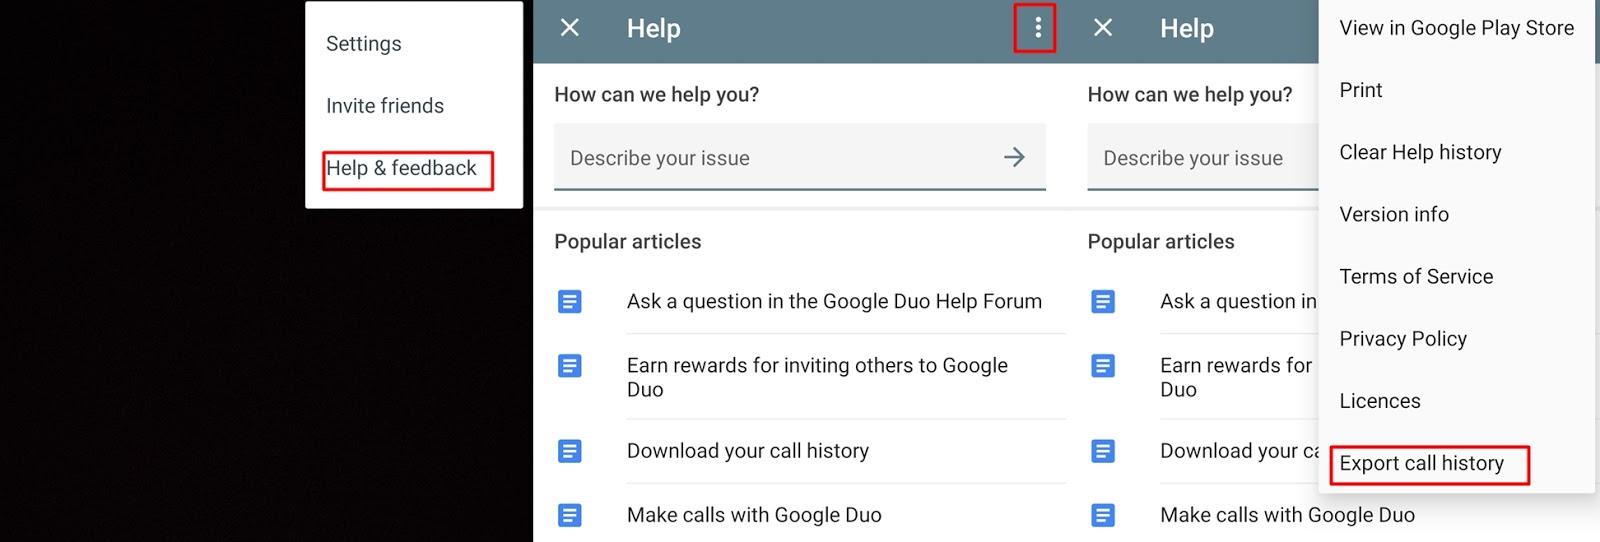 أفضل نصائح Google Duo هناك أكثر من مجرد اتصال فيديو Ar